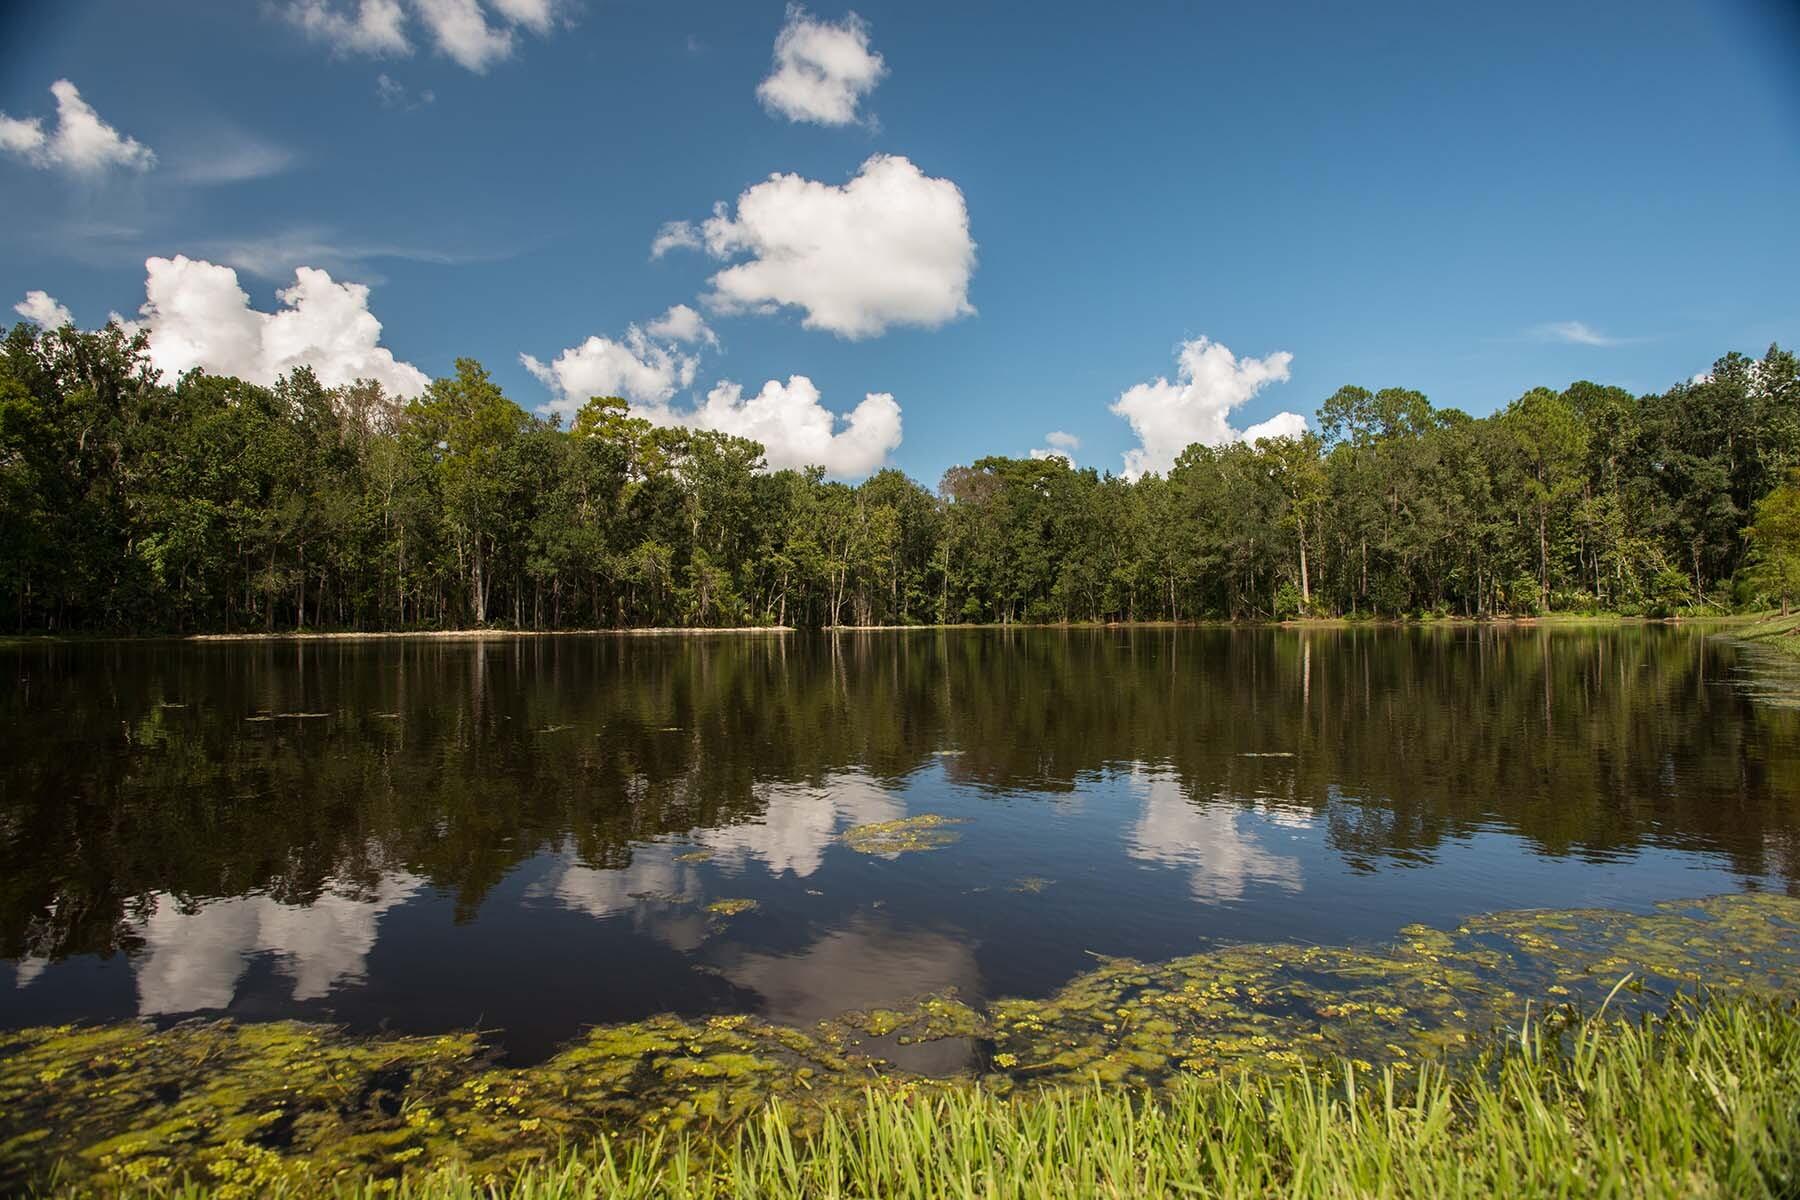 Bay Meadow Farms Lake